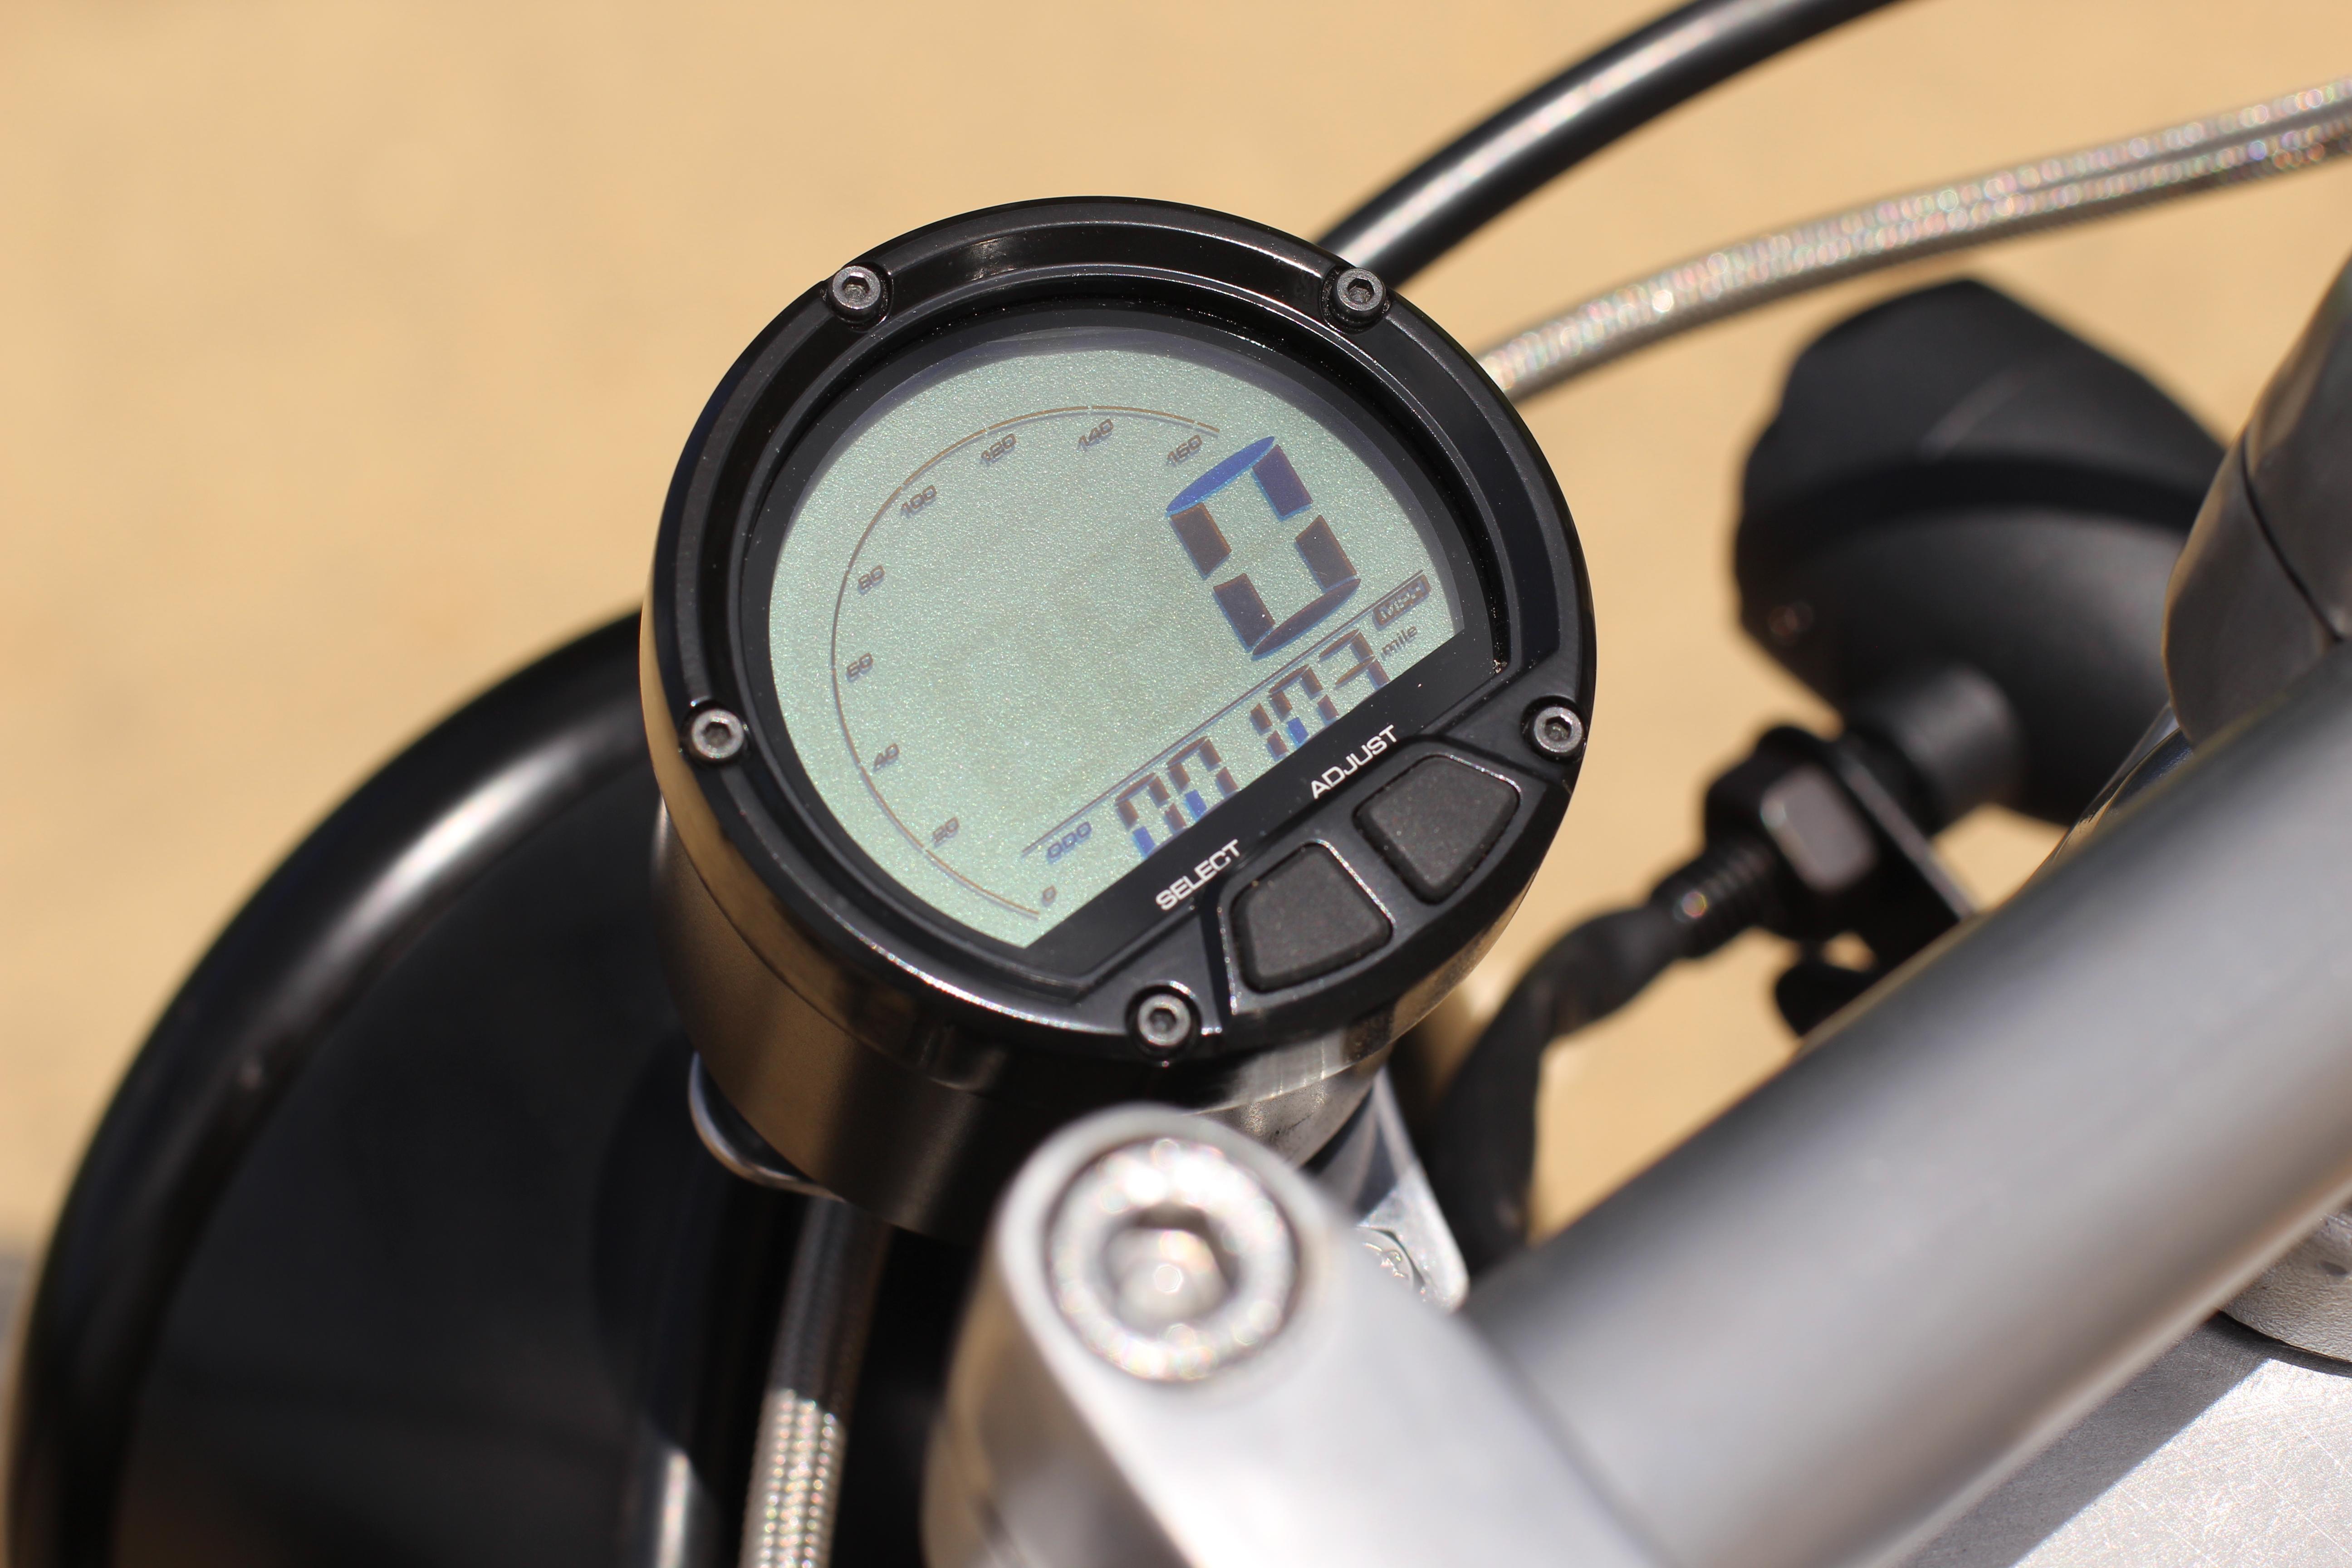 Honda VT 600 speedo